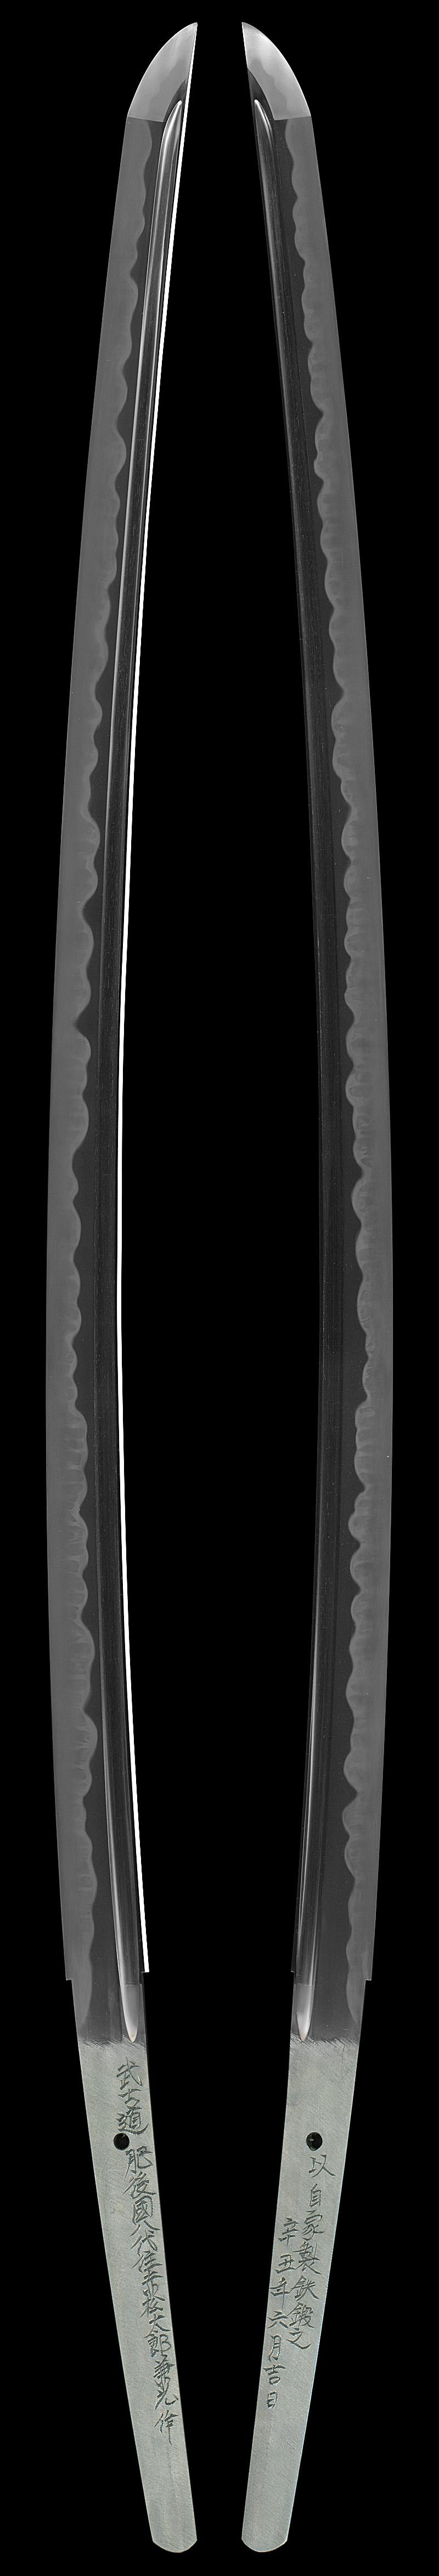 刀 武士道 肥後國八代住赤松太郎兼光作 (木村光宏) (新作刀)  以自家製鉄鍛之 辛丑年六月吉日全体画像